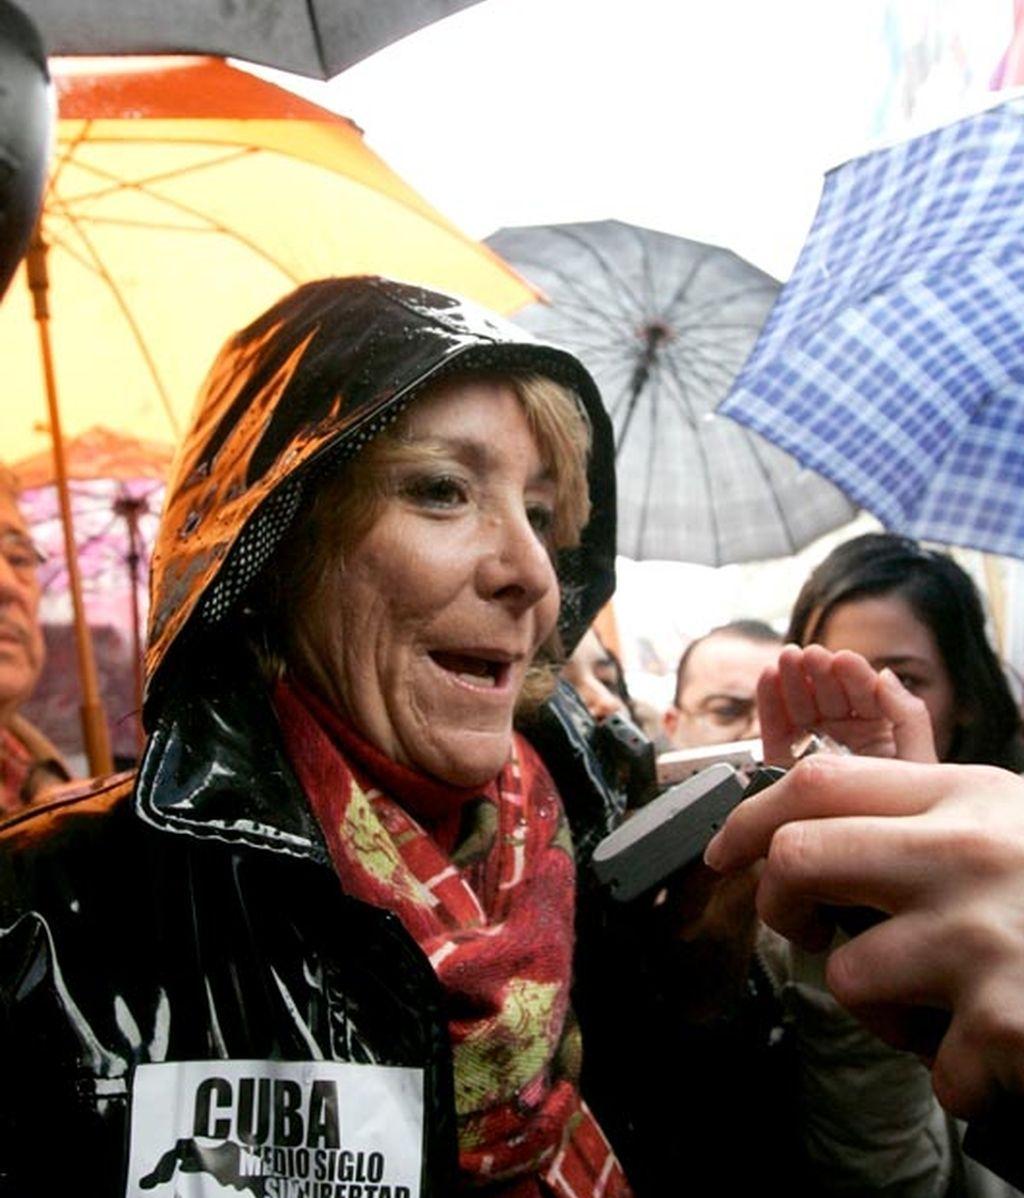 Manifestación contra el régimen cubano en Madrid